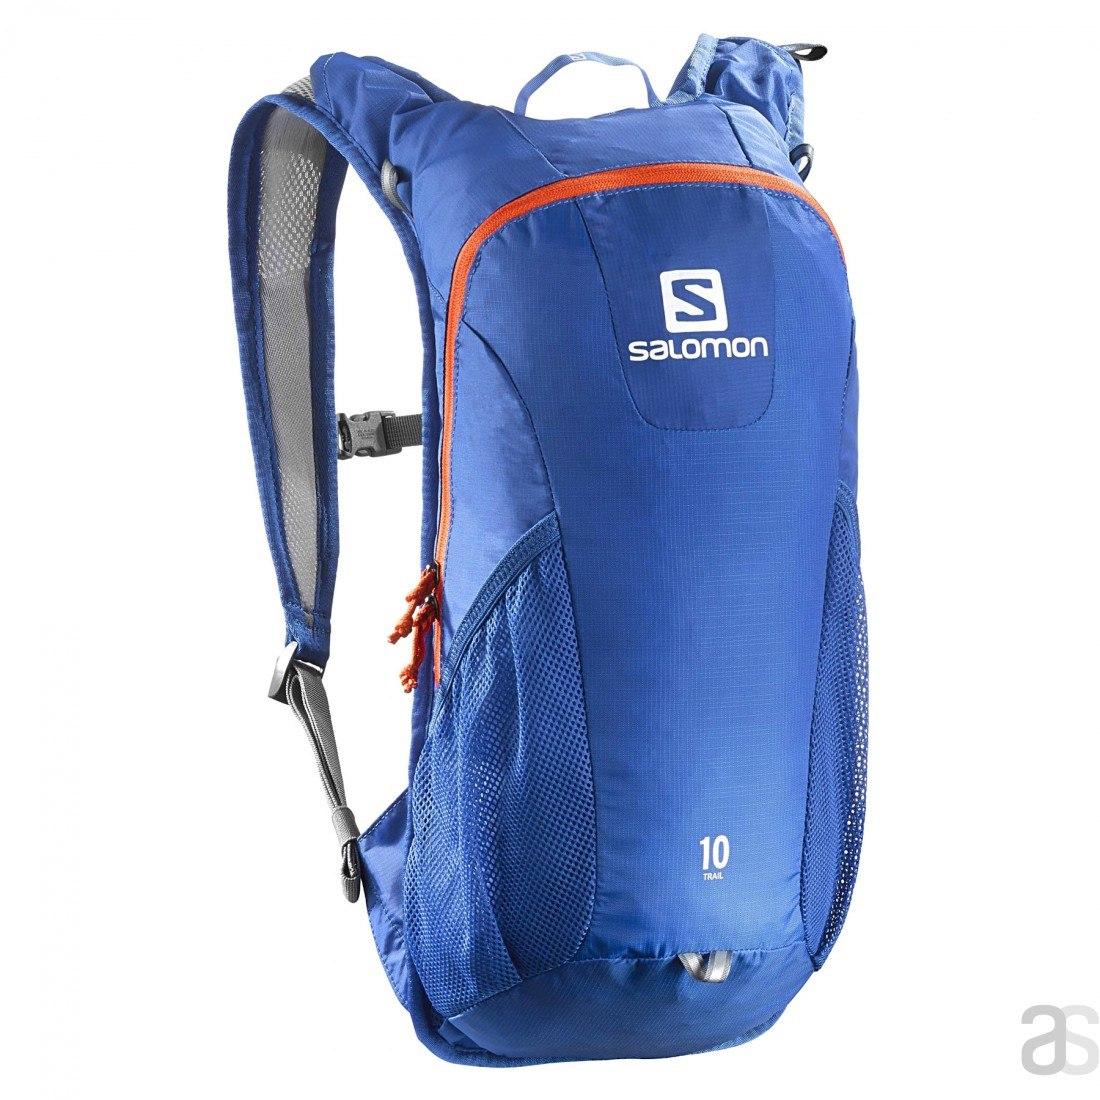 08116a66e53 Mochila Salomon Trail 10 Azul/naranja - $ 1.300,00 en Mercado Libre